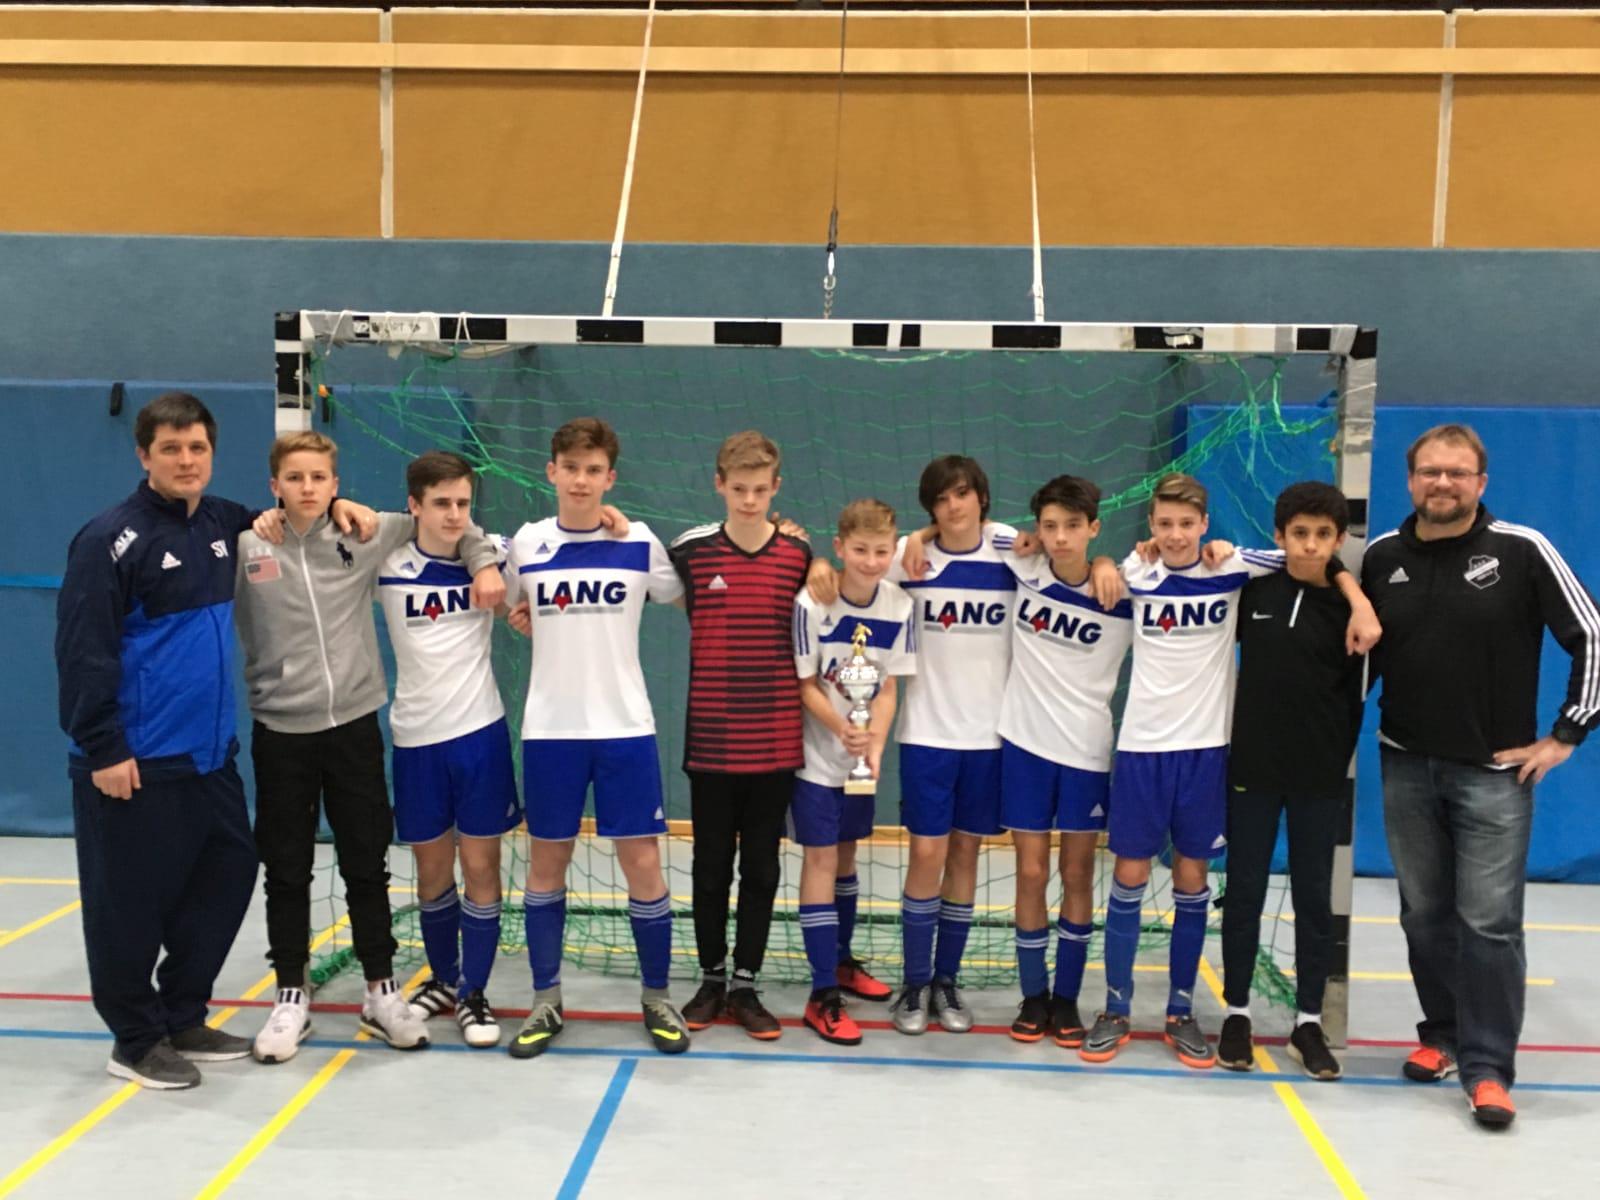 Jugendfußball vom Wochenende: D- und B-Jugend scheitern nur knapp am großen Triumph